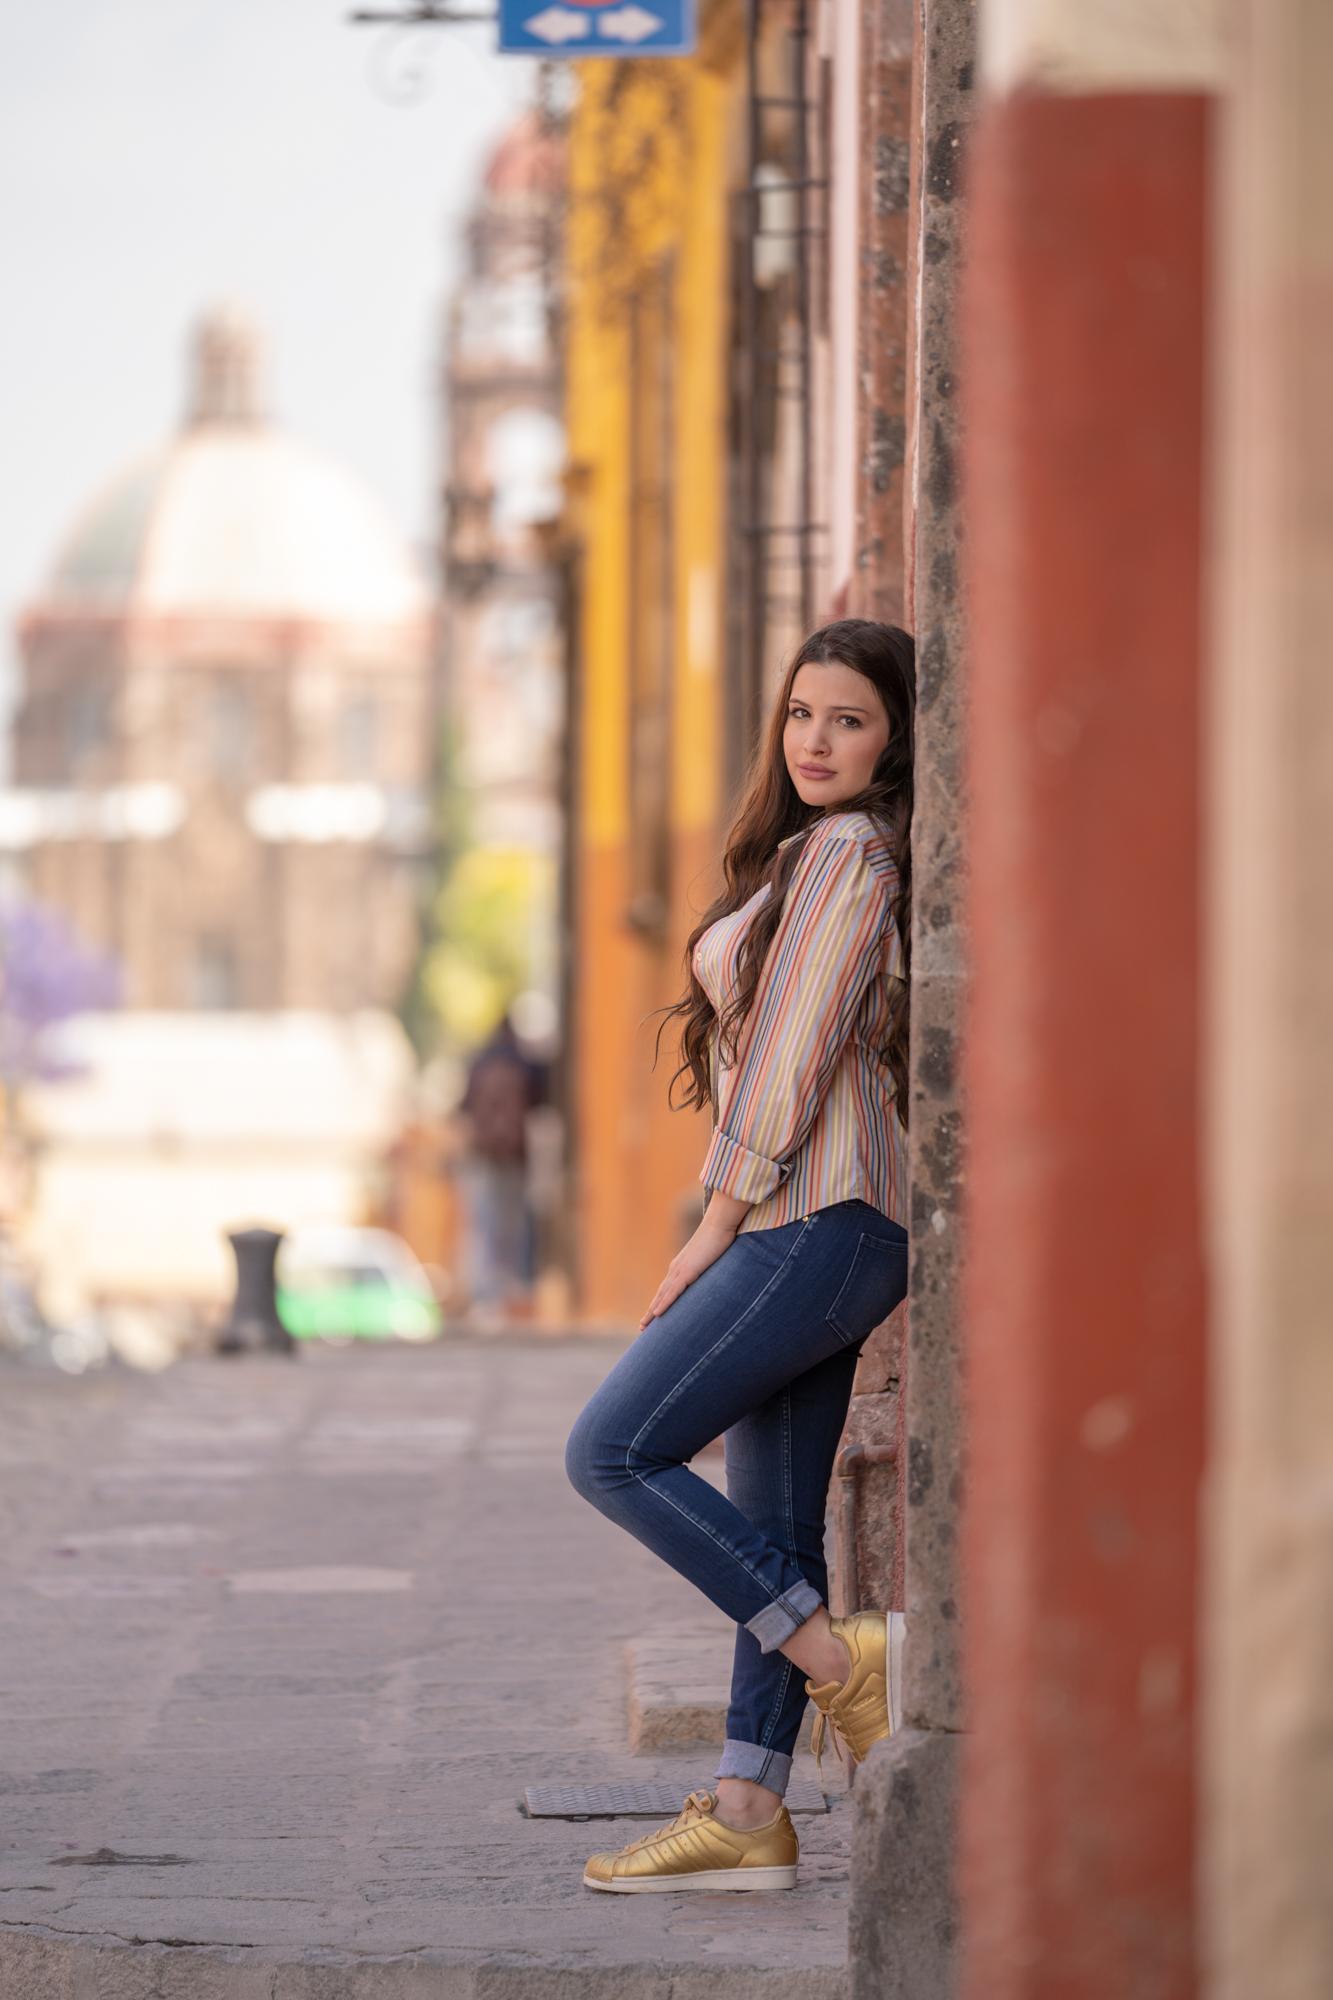 Sesion de Fotos en San Miguel de Allende con Rogelio y su Fmailia-28.jpg